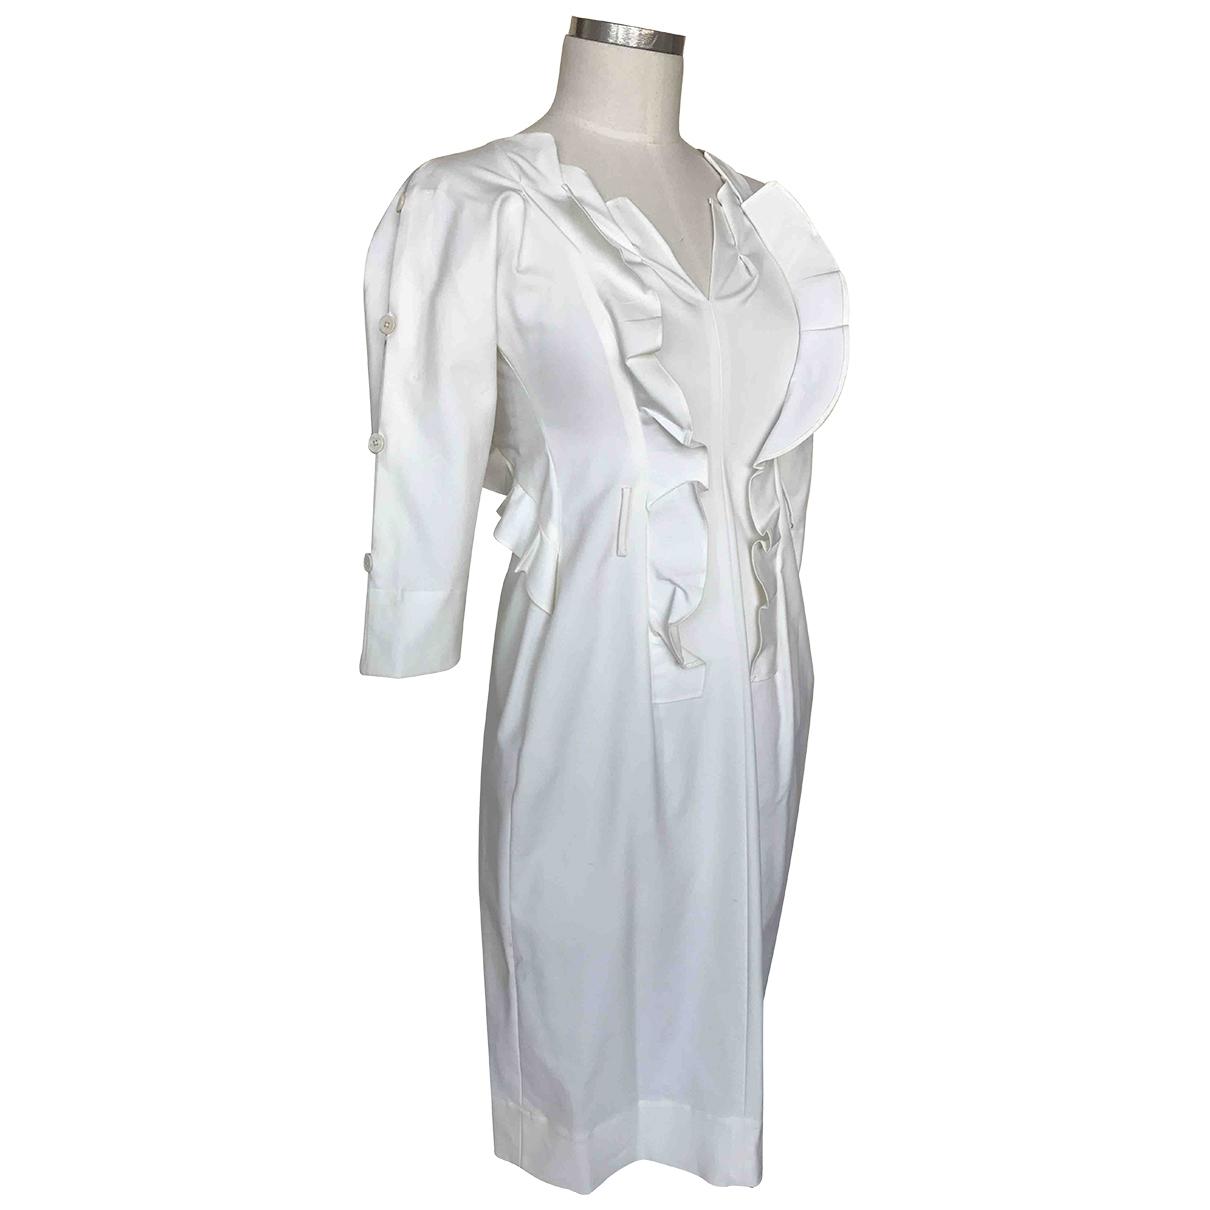 Jil Sander \N Kleid in  Weiss Baumwolle - Elasthan